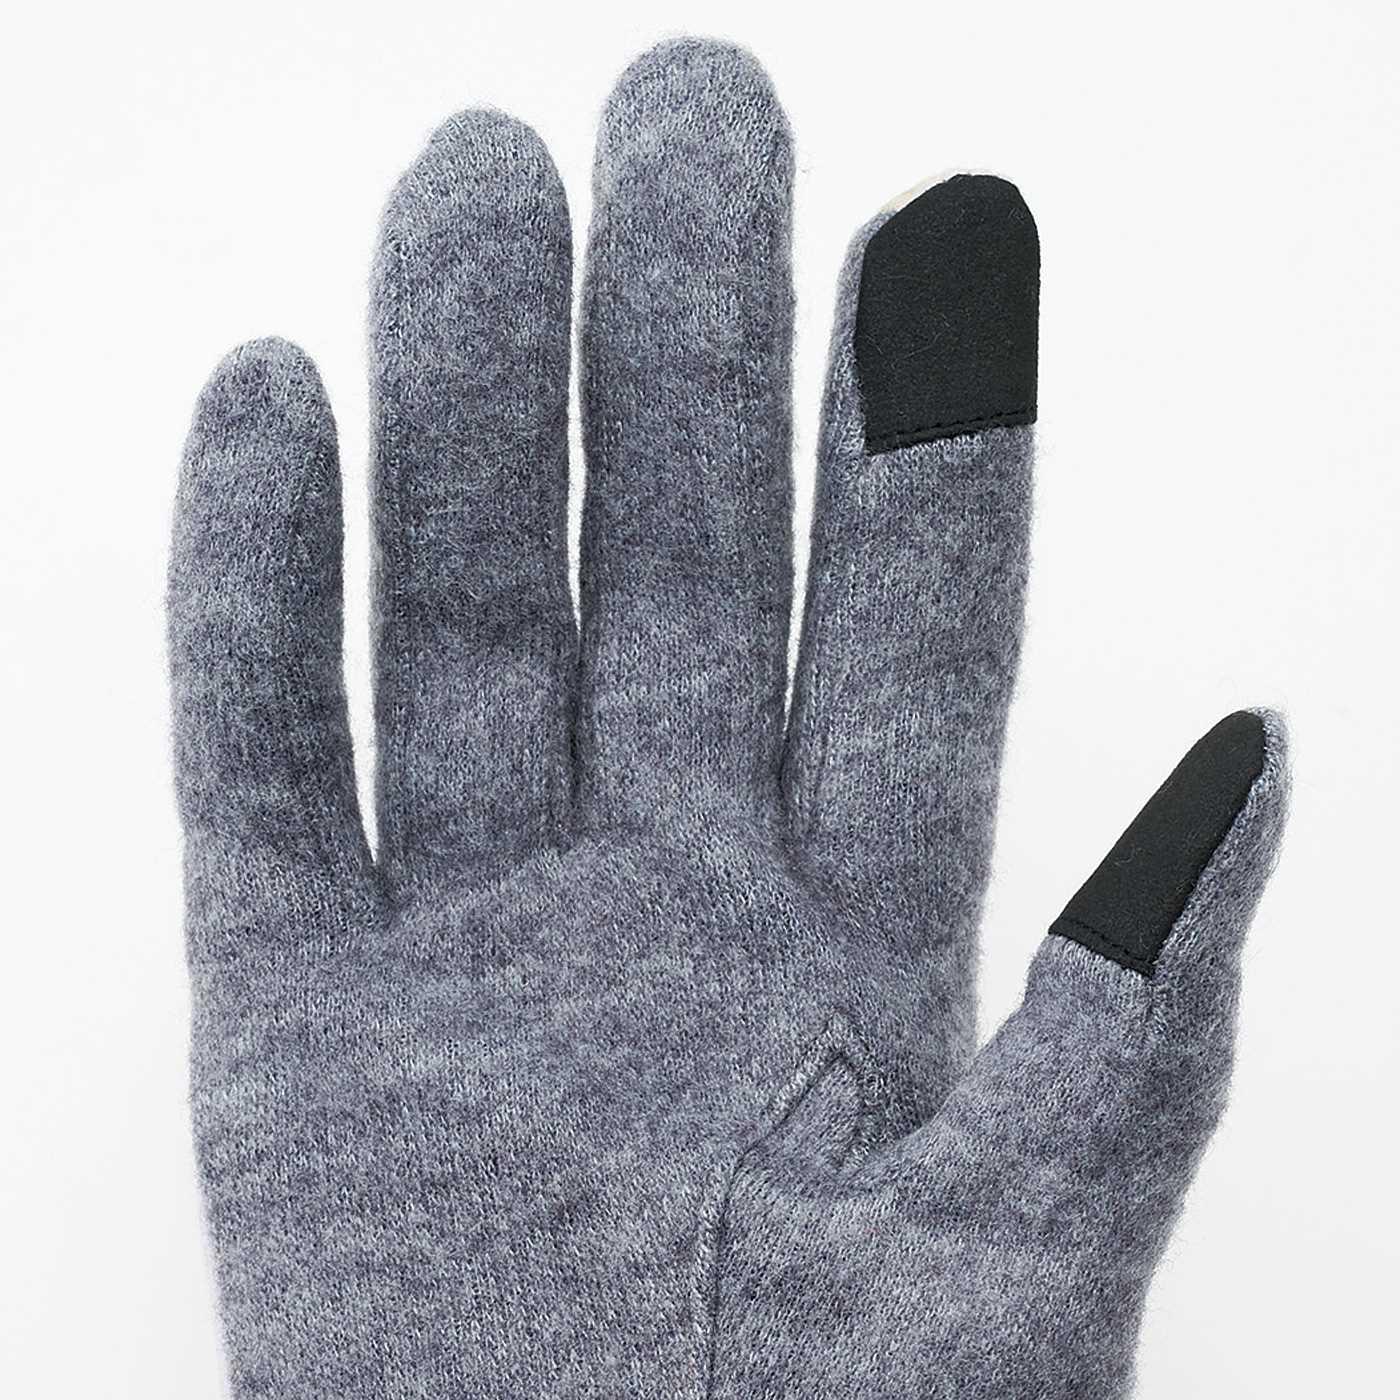 両手の親指と人差し指の先に導電布を使用しているから、手袋のまま画面操作が可能。